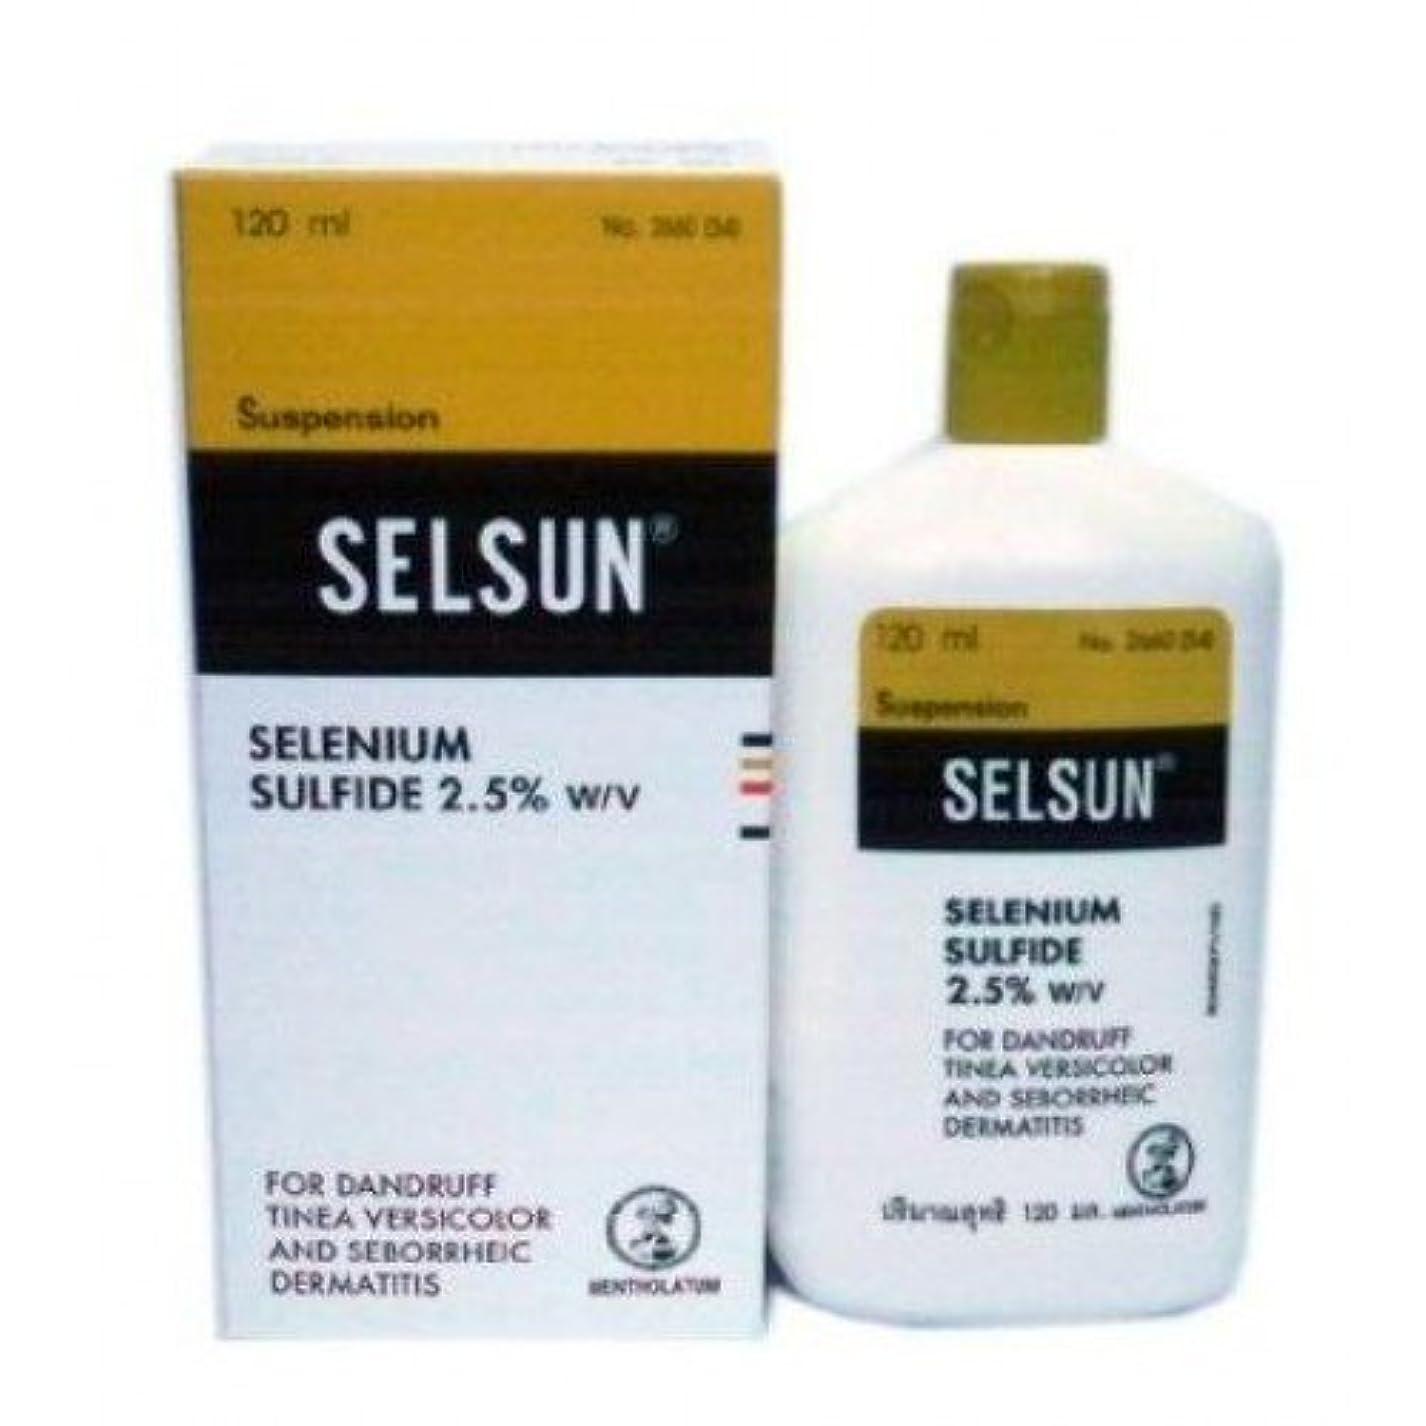 不名誉なプロジェクター接ぎ木SELSUN anti-dandruff shampoo 120ml  セルサン シャンプー